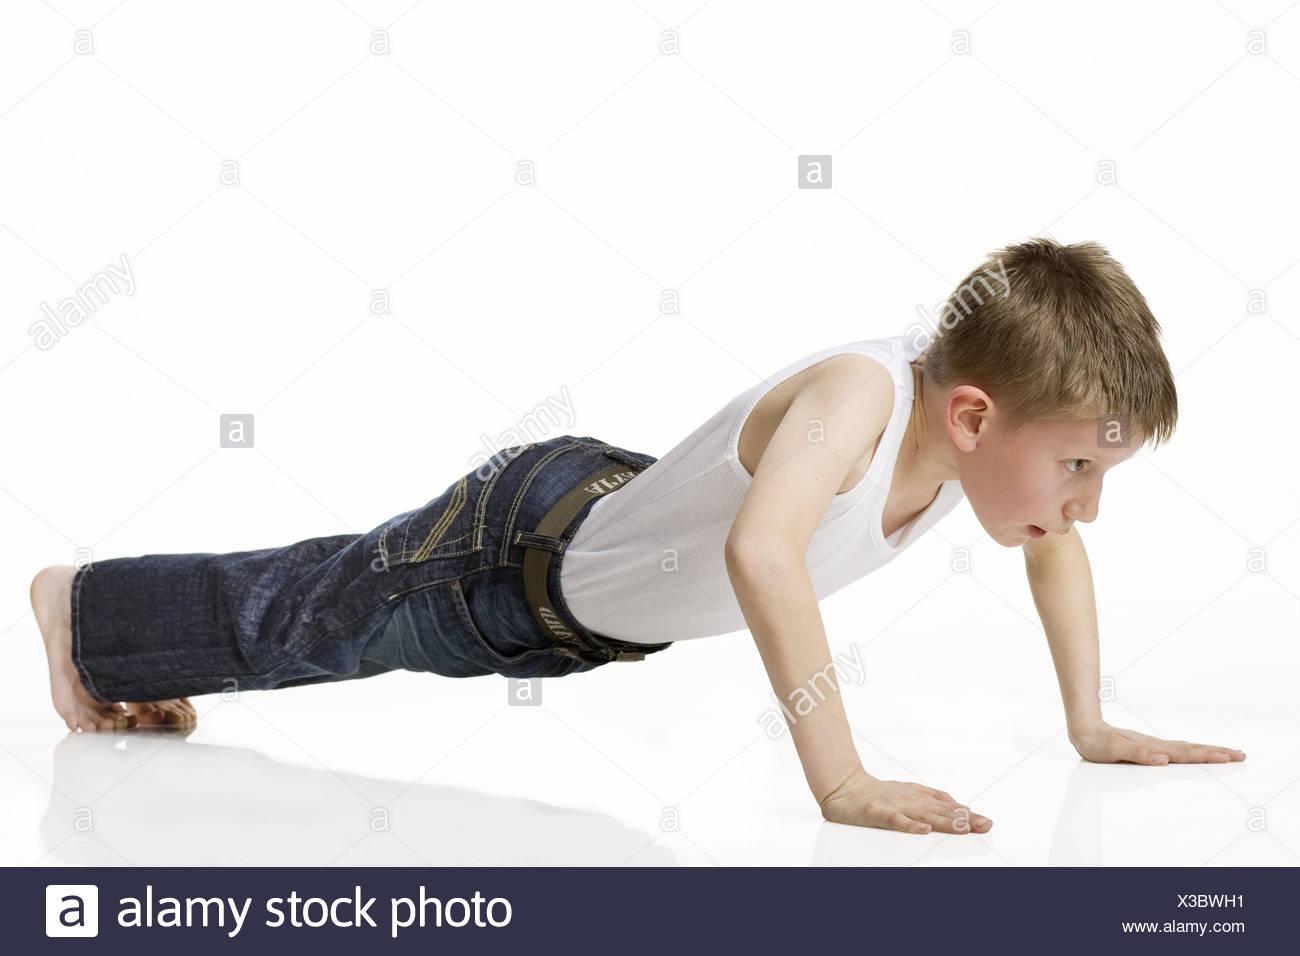 modèle de fitness nus